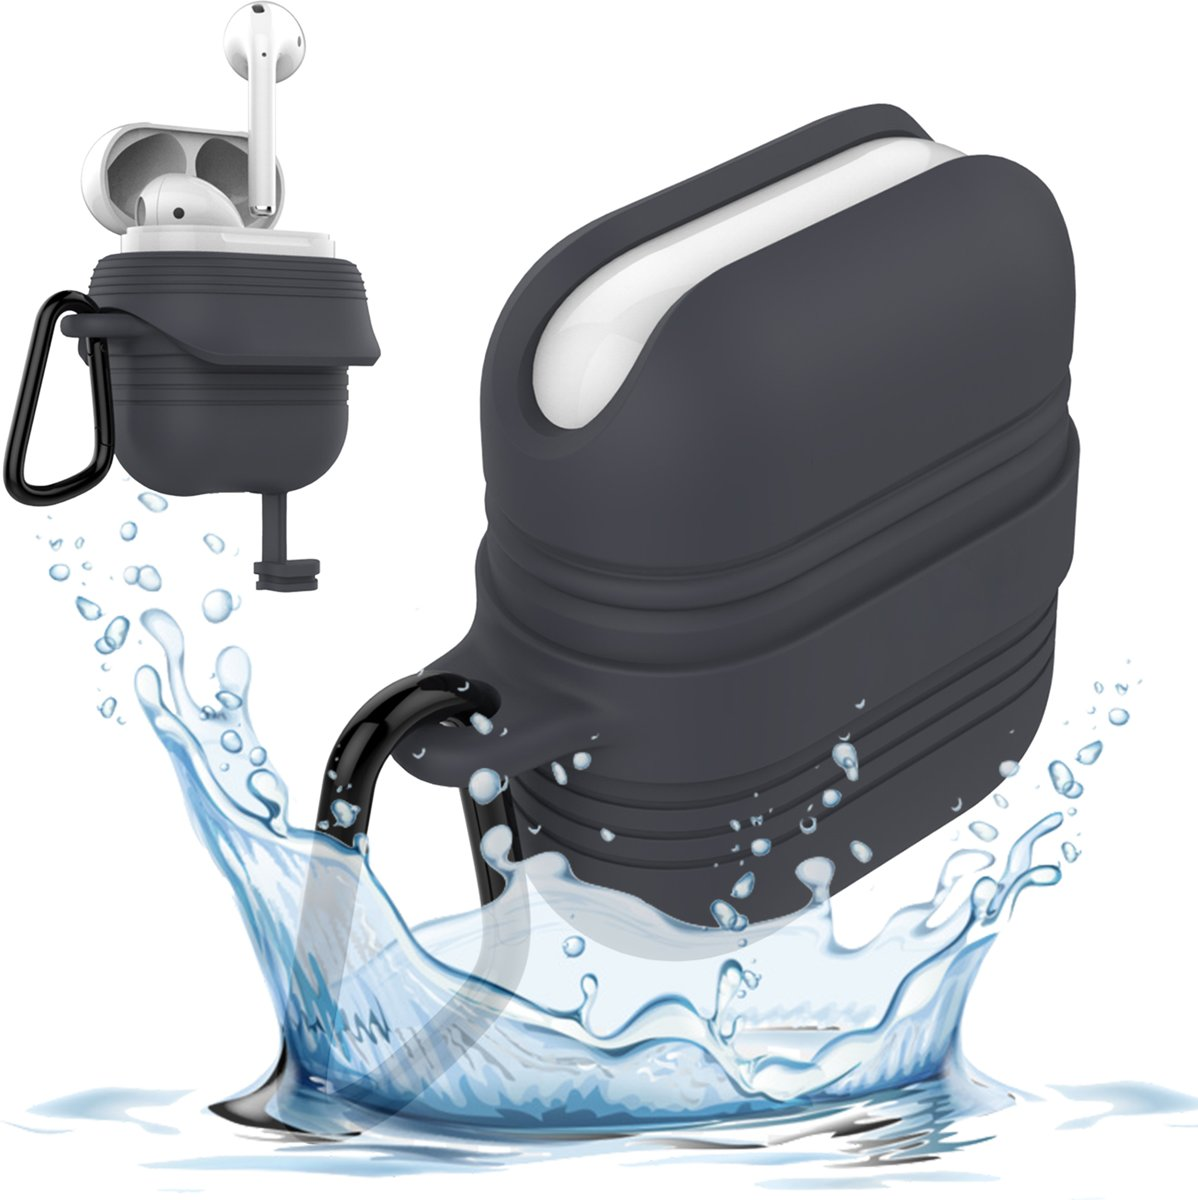 Airpods Hoesje voor Apple Airpods 1 / 2 - Waterdichte Case van iCall - Zwart kopen